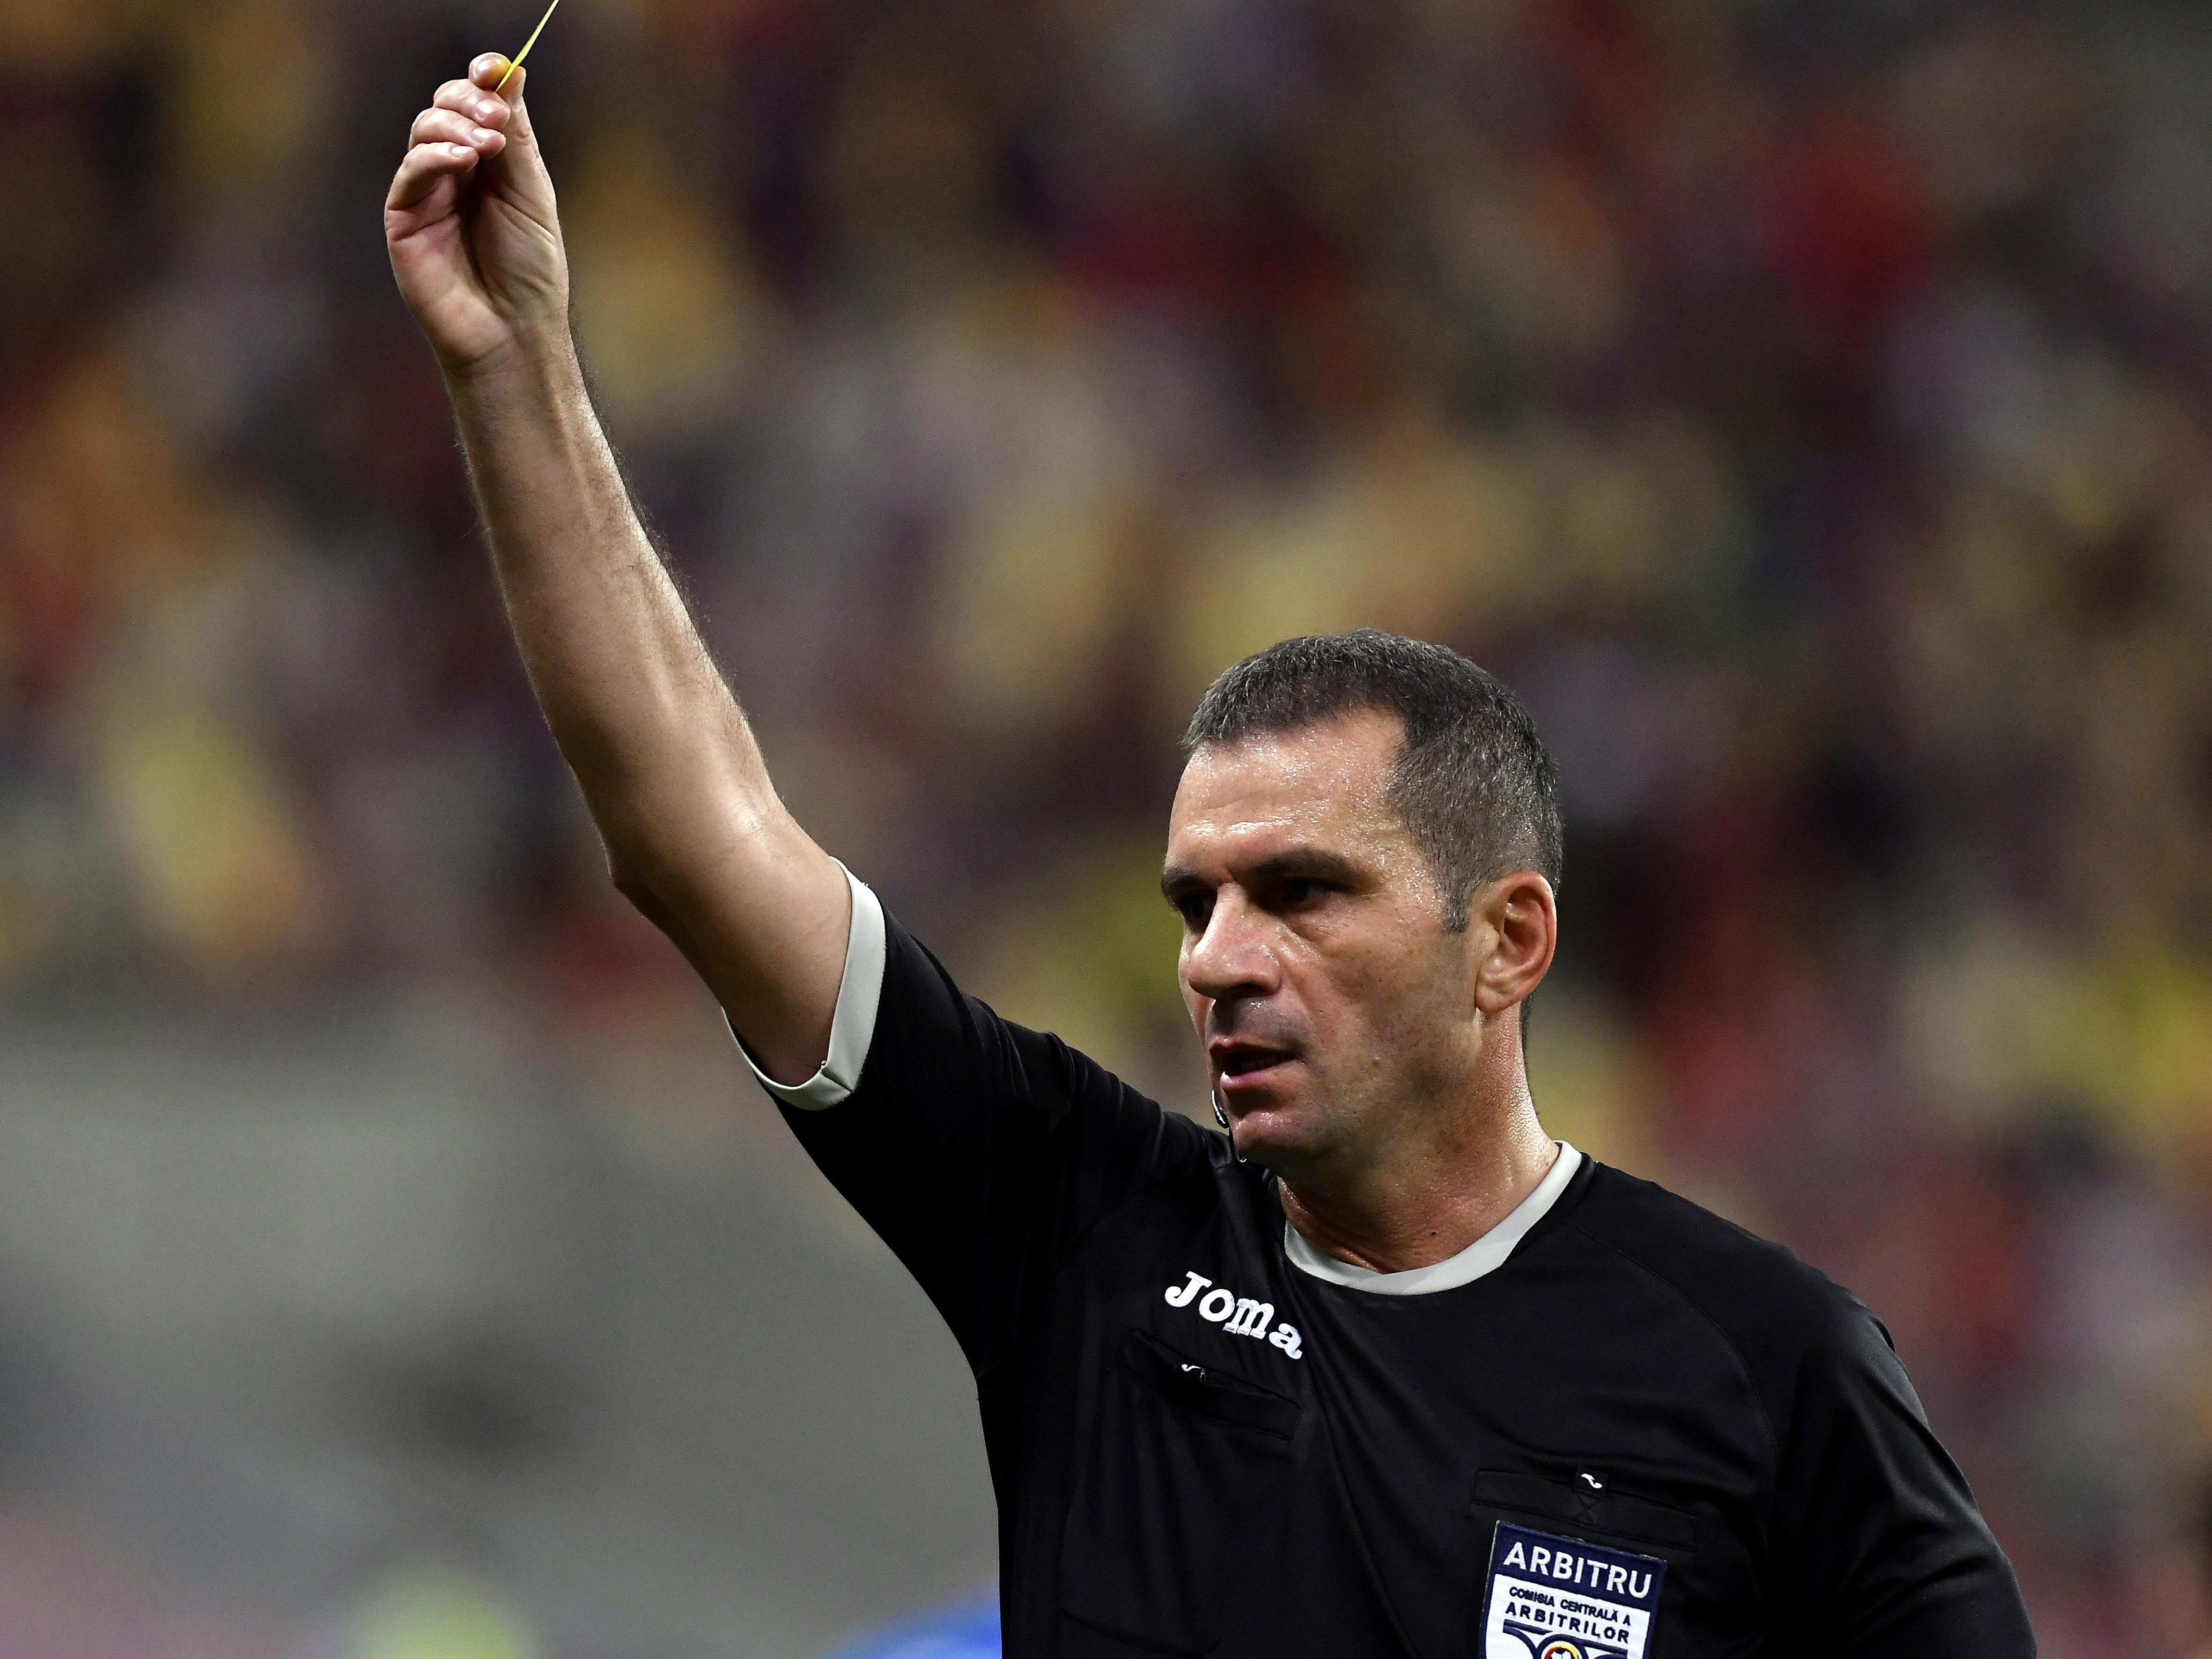 Arbitrul central George Rădulescu în meciul Dinamo - FC Botoșani 1-1. Sursă foto: sportpicture.eu